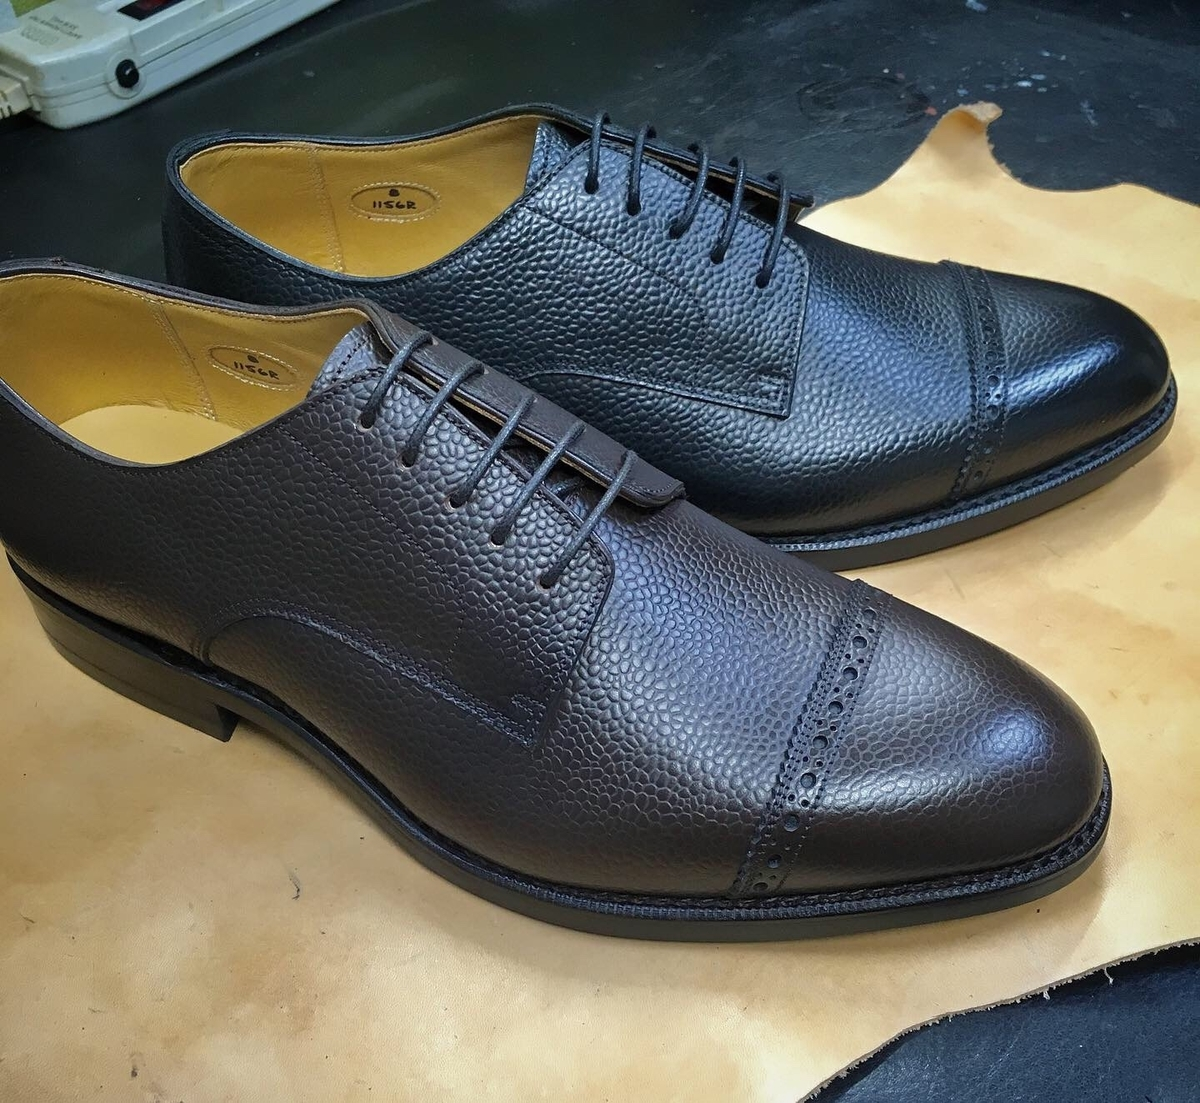 f:id:raymar-shoes:20190823215317j:plain